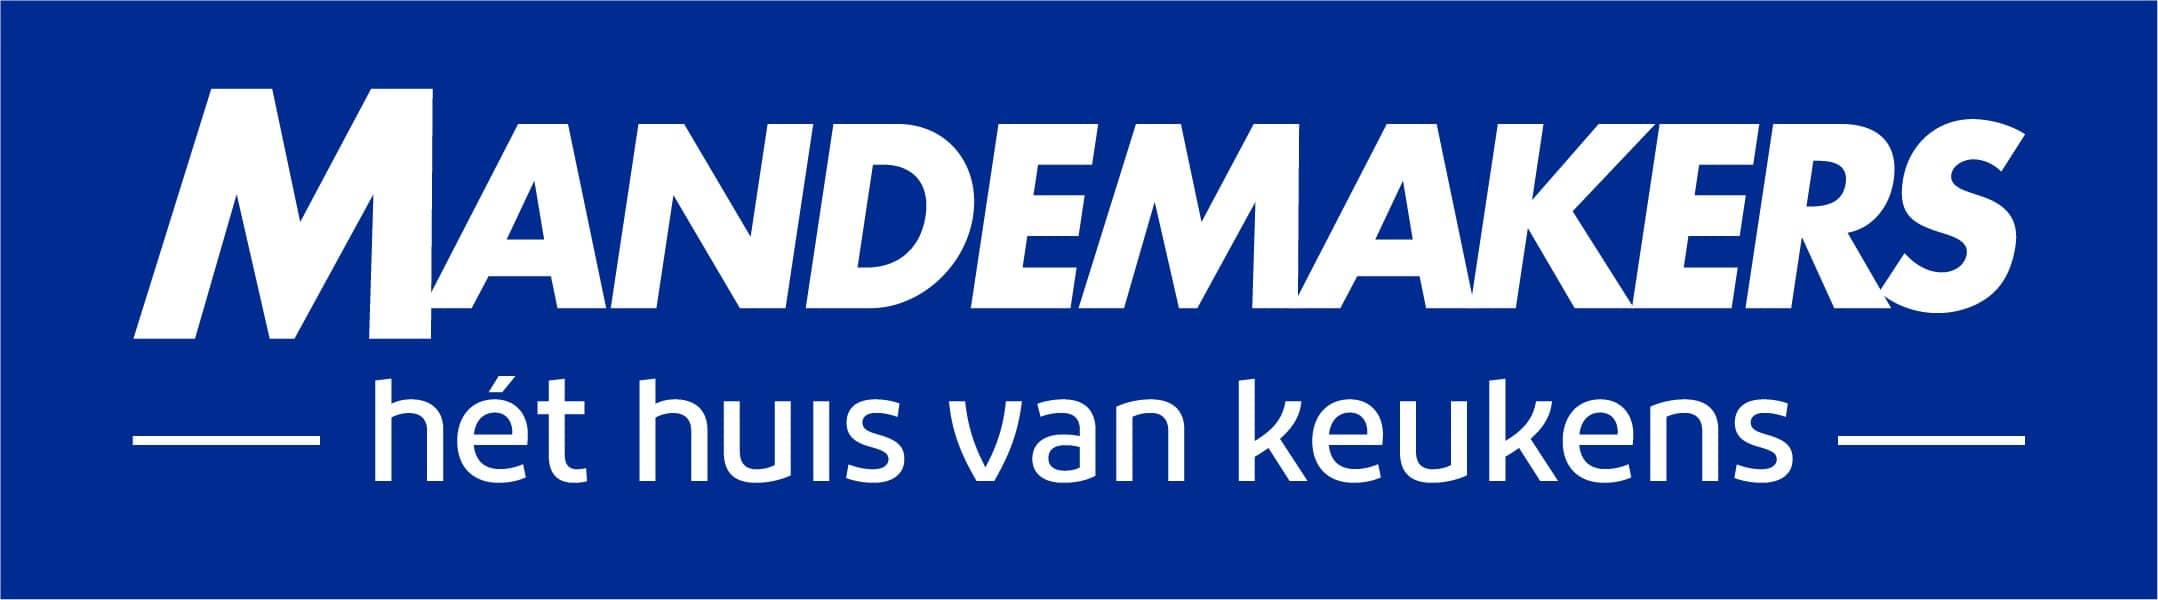 Mandemakers_Logo_Blok_PMS_V2